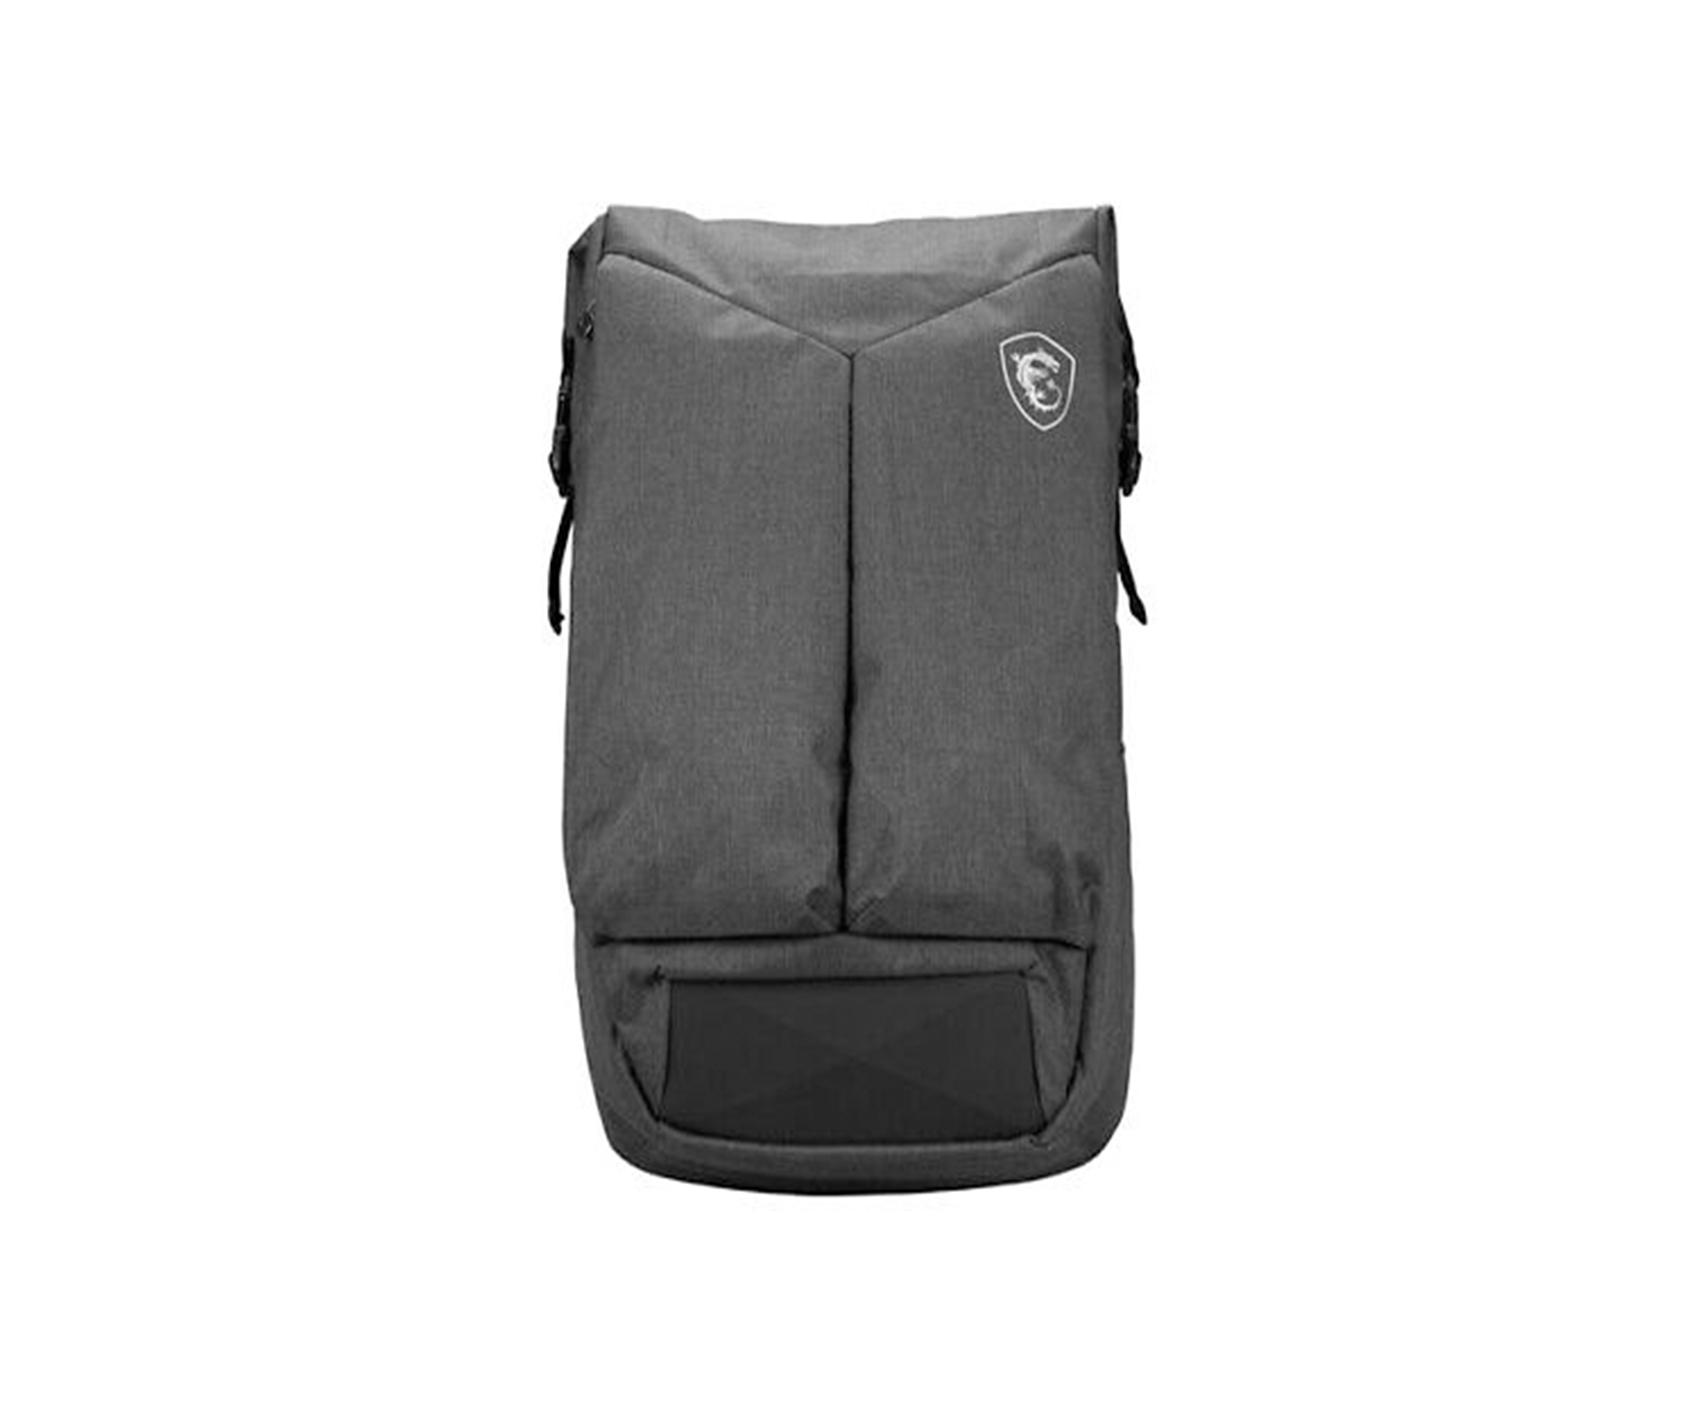 MSI Air Bag